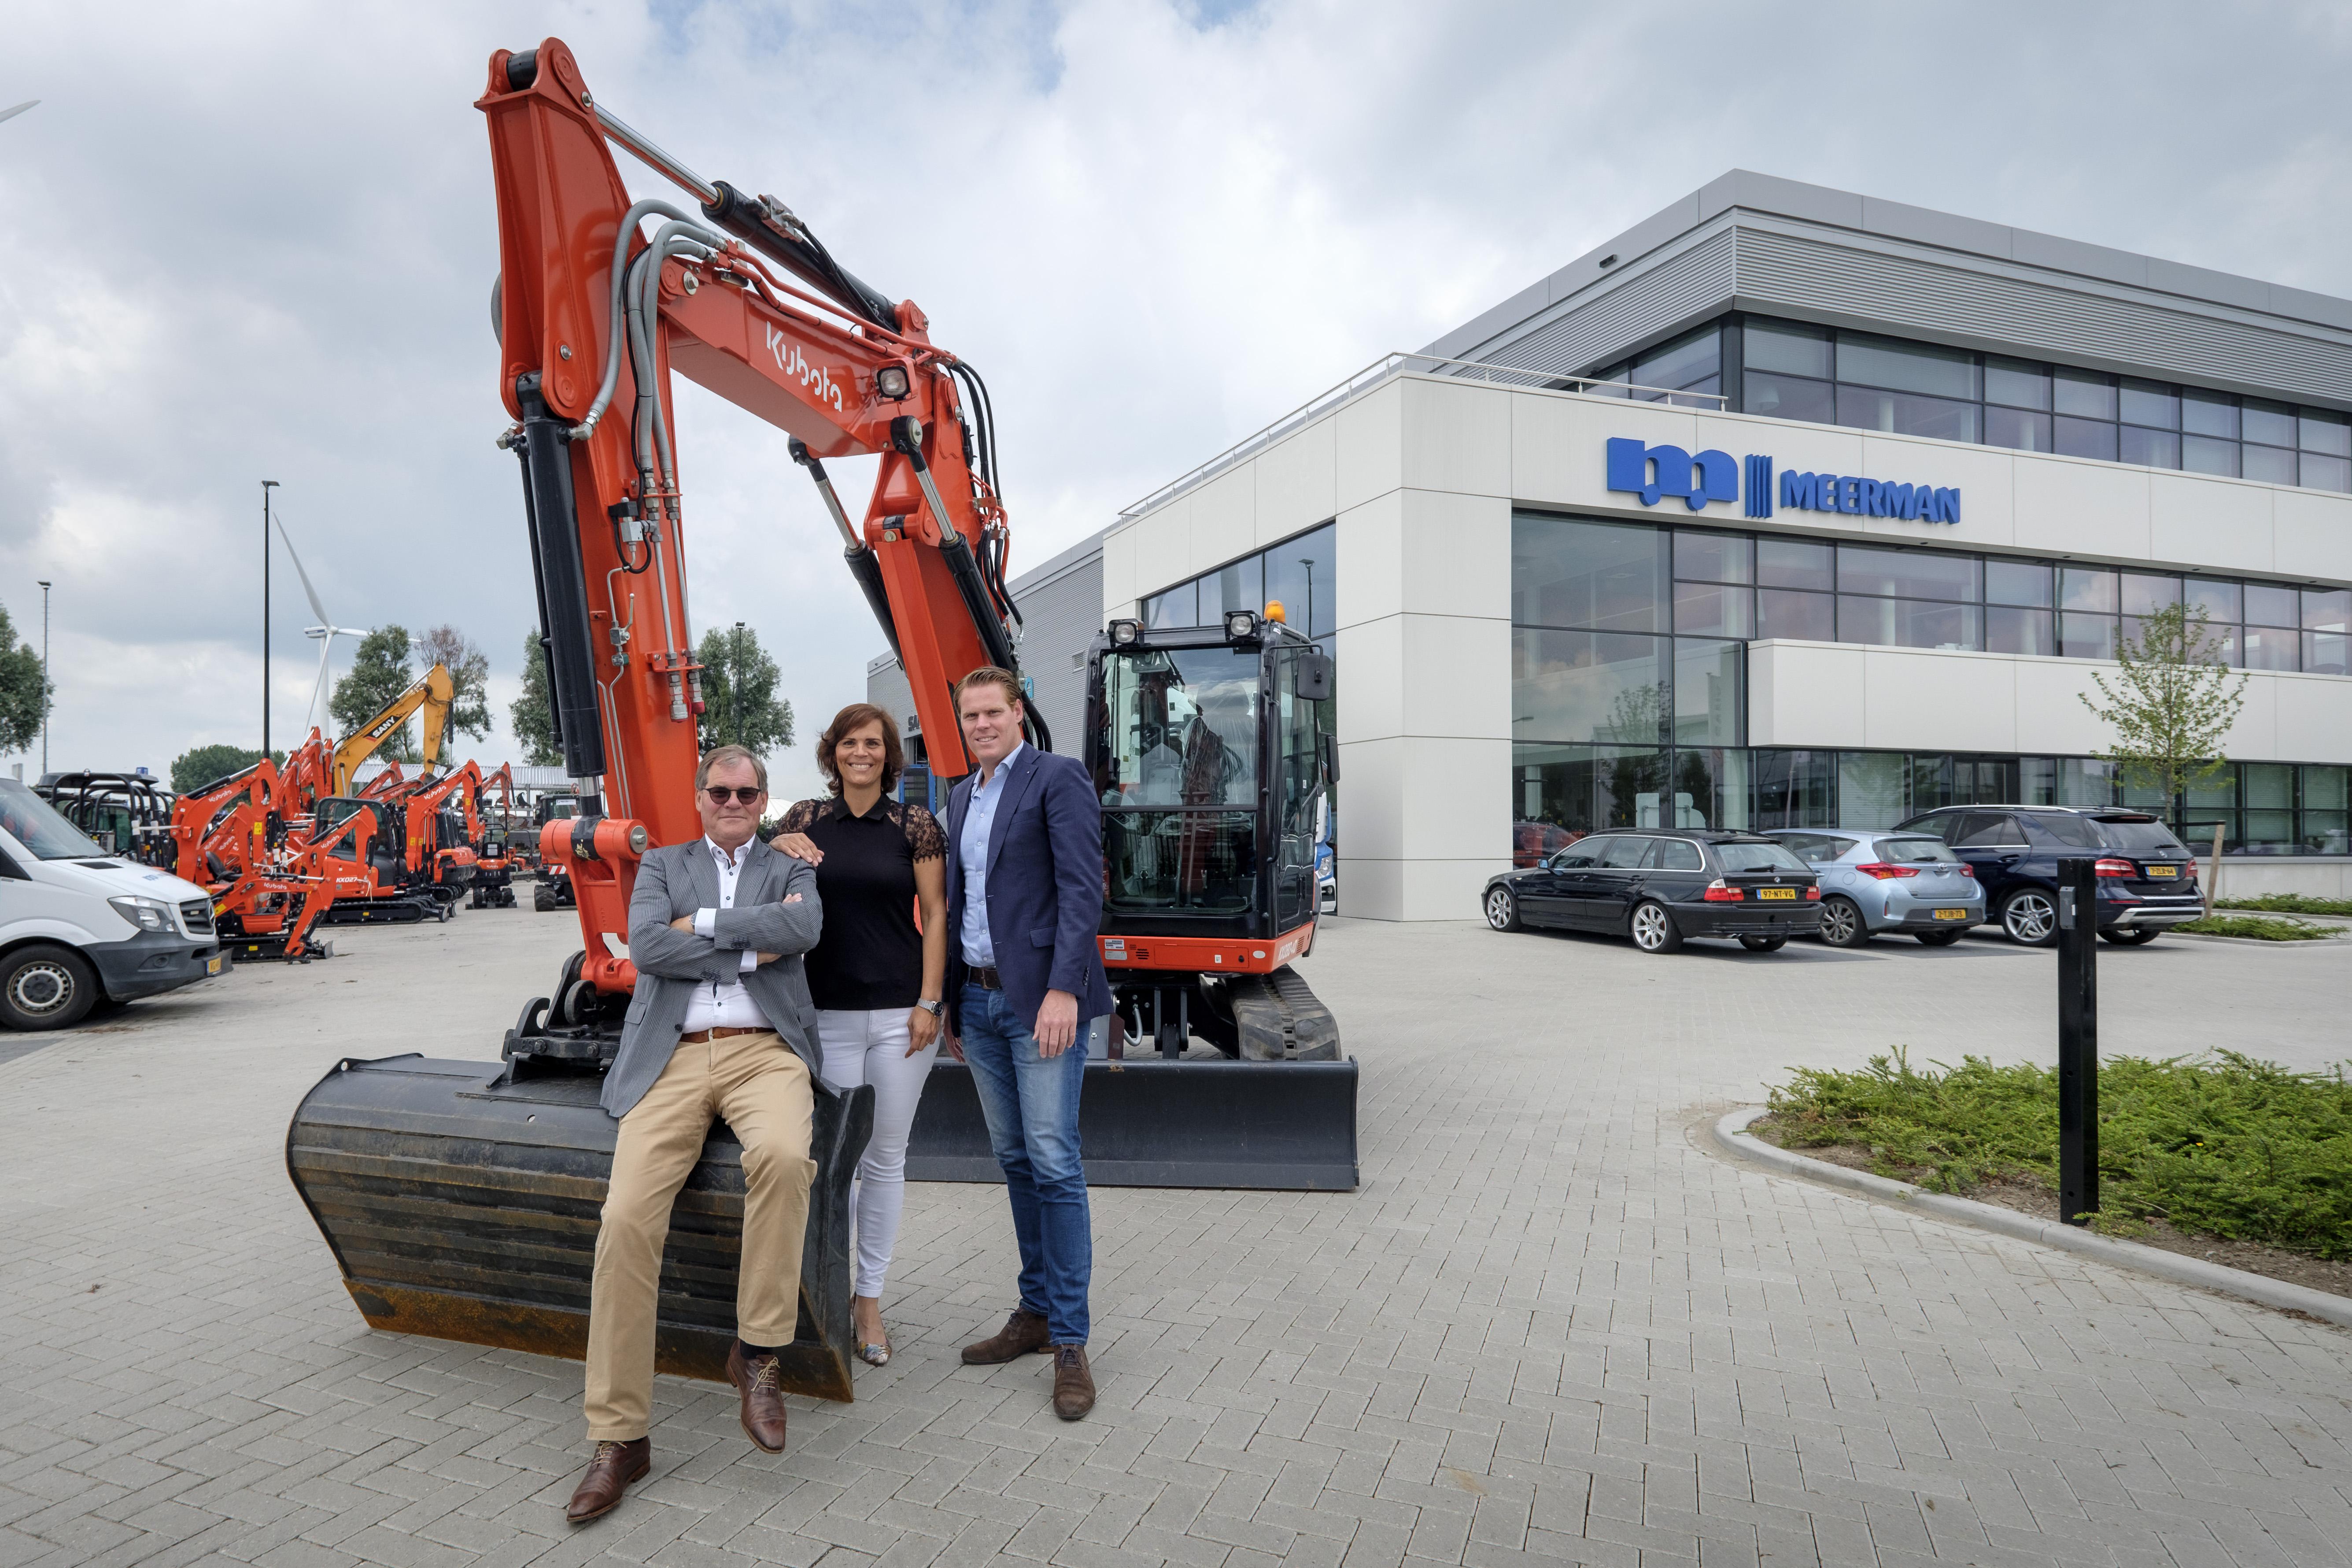 <p>Vader Lourens, dochter Ilse en zoon Koen Meerman (van links naar rechts) bij de nieuwbouw in Vlaardingen. Ilse en Koen zijn de derde generatie in het familiebedrijf. &#8216;Groei isook een doel,maar weblijven welrealistisch.&#8217; </p>